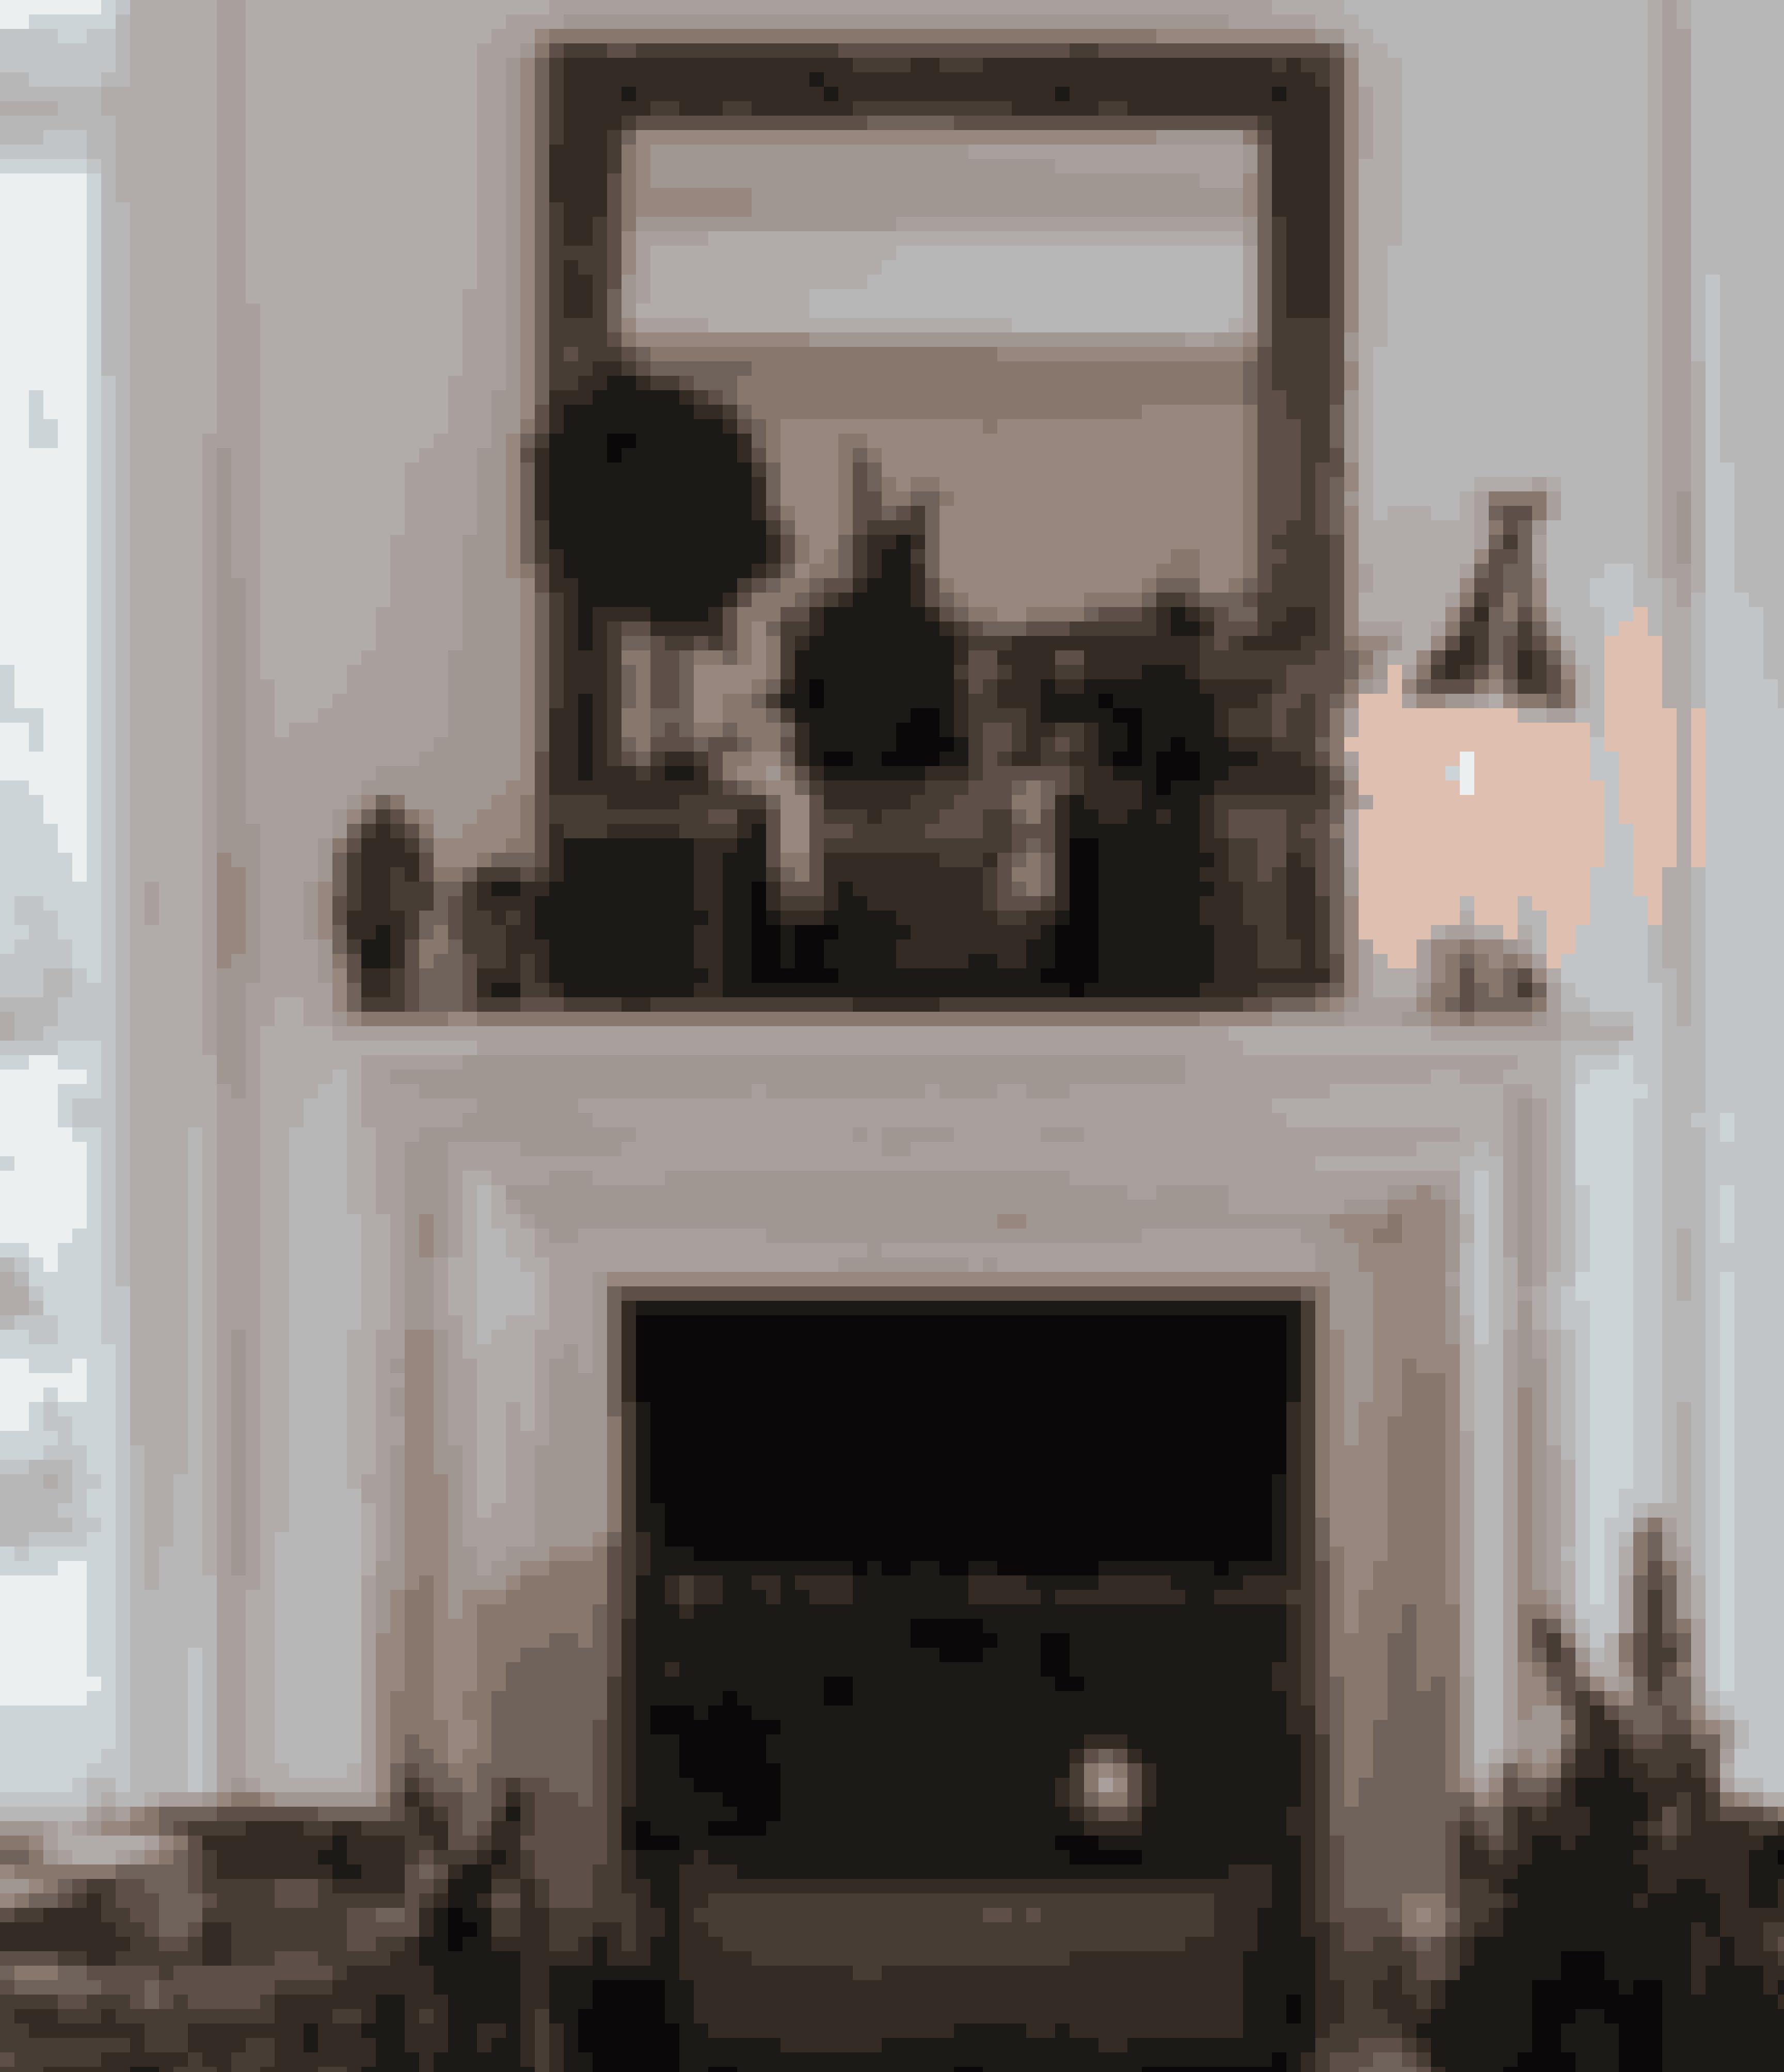 Fyr op under julestemningen med masser af grantræer i krukker. Det bringer naturen ind, så du kan nyde duften af gran langt ind i december. Spejlet er arvet, lysestagen fra By Lassen og figurerne af hoveder fra Marrakesh.